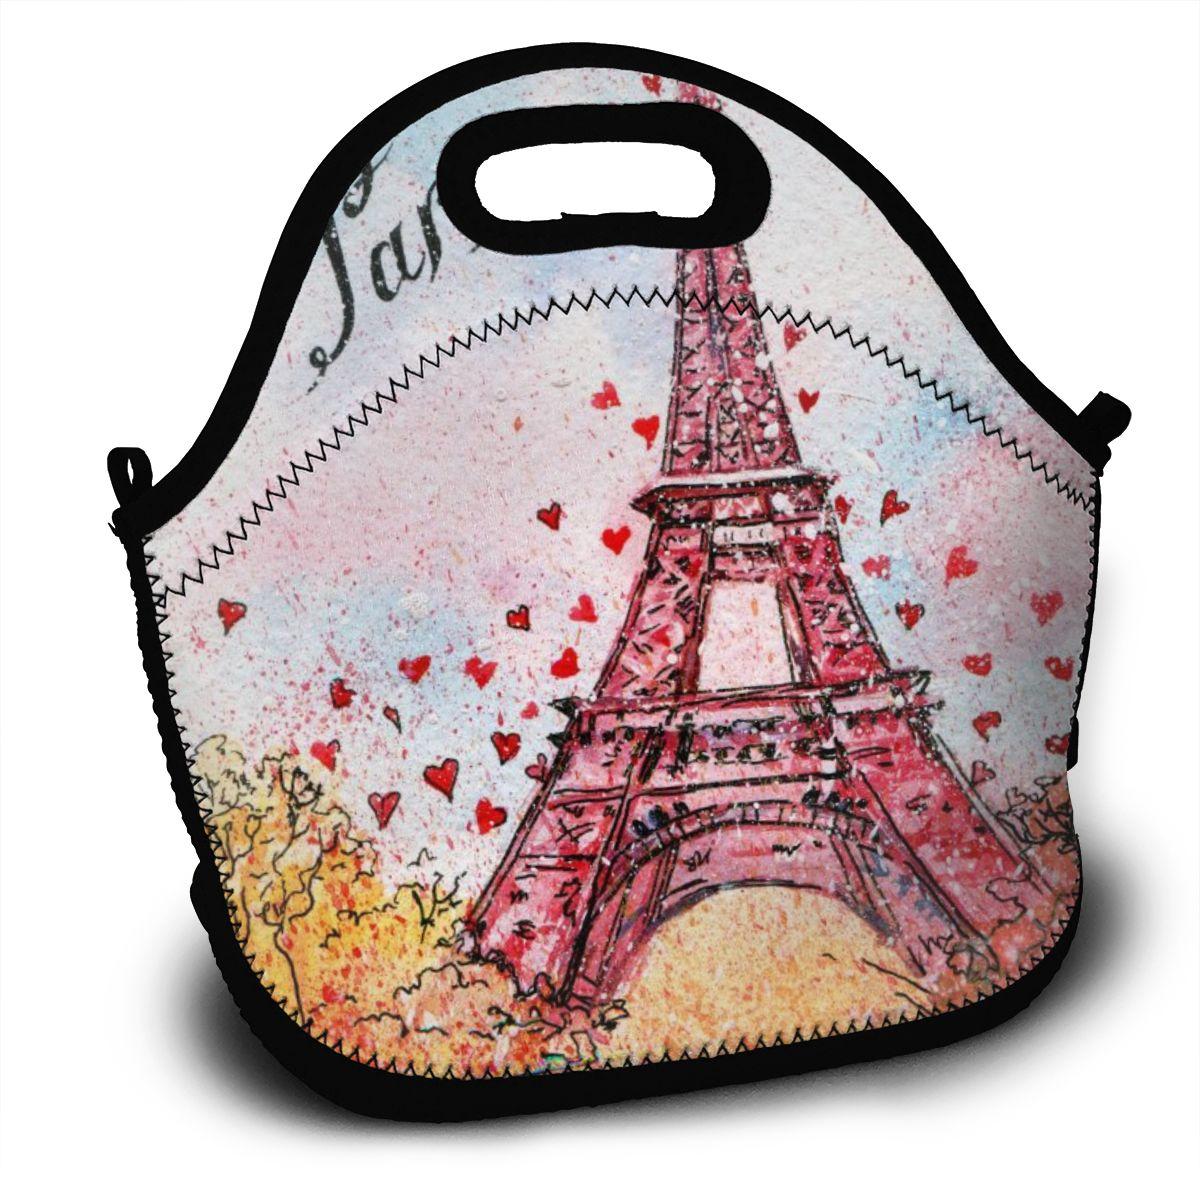 Bolsa de Armazenamento Portátil Isolado Térmica Bento Lancheira Vintage Aquarela Paris França Torre Eiffel Piquenique Bolsa Almoço Bolsas